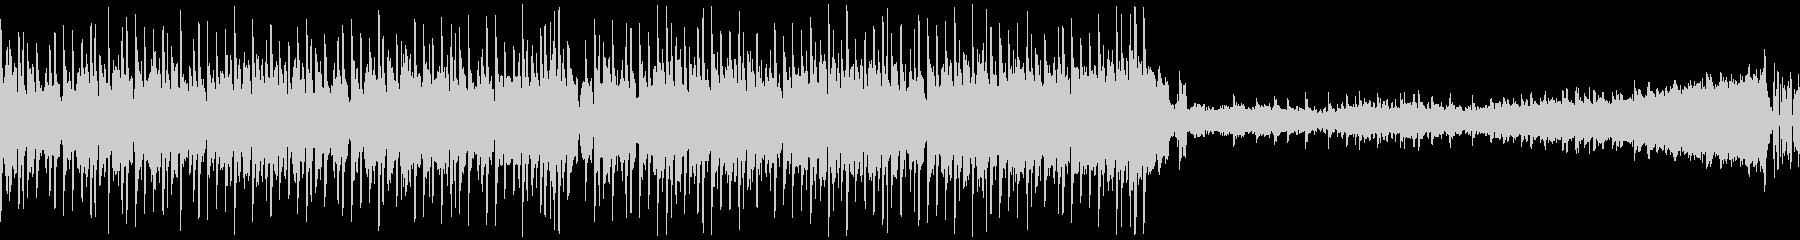 【ループ】クール/かっこいい洋楽ハウスの未再生の波形